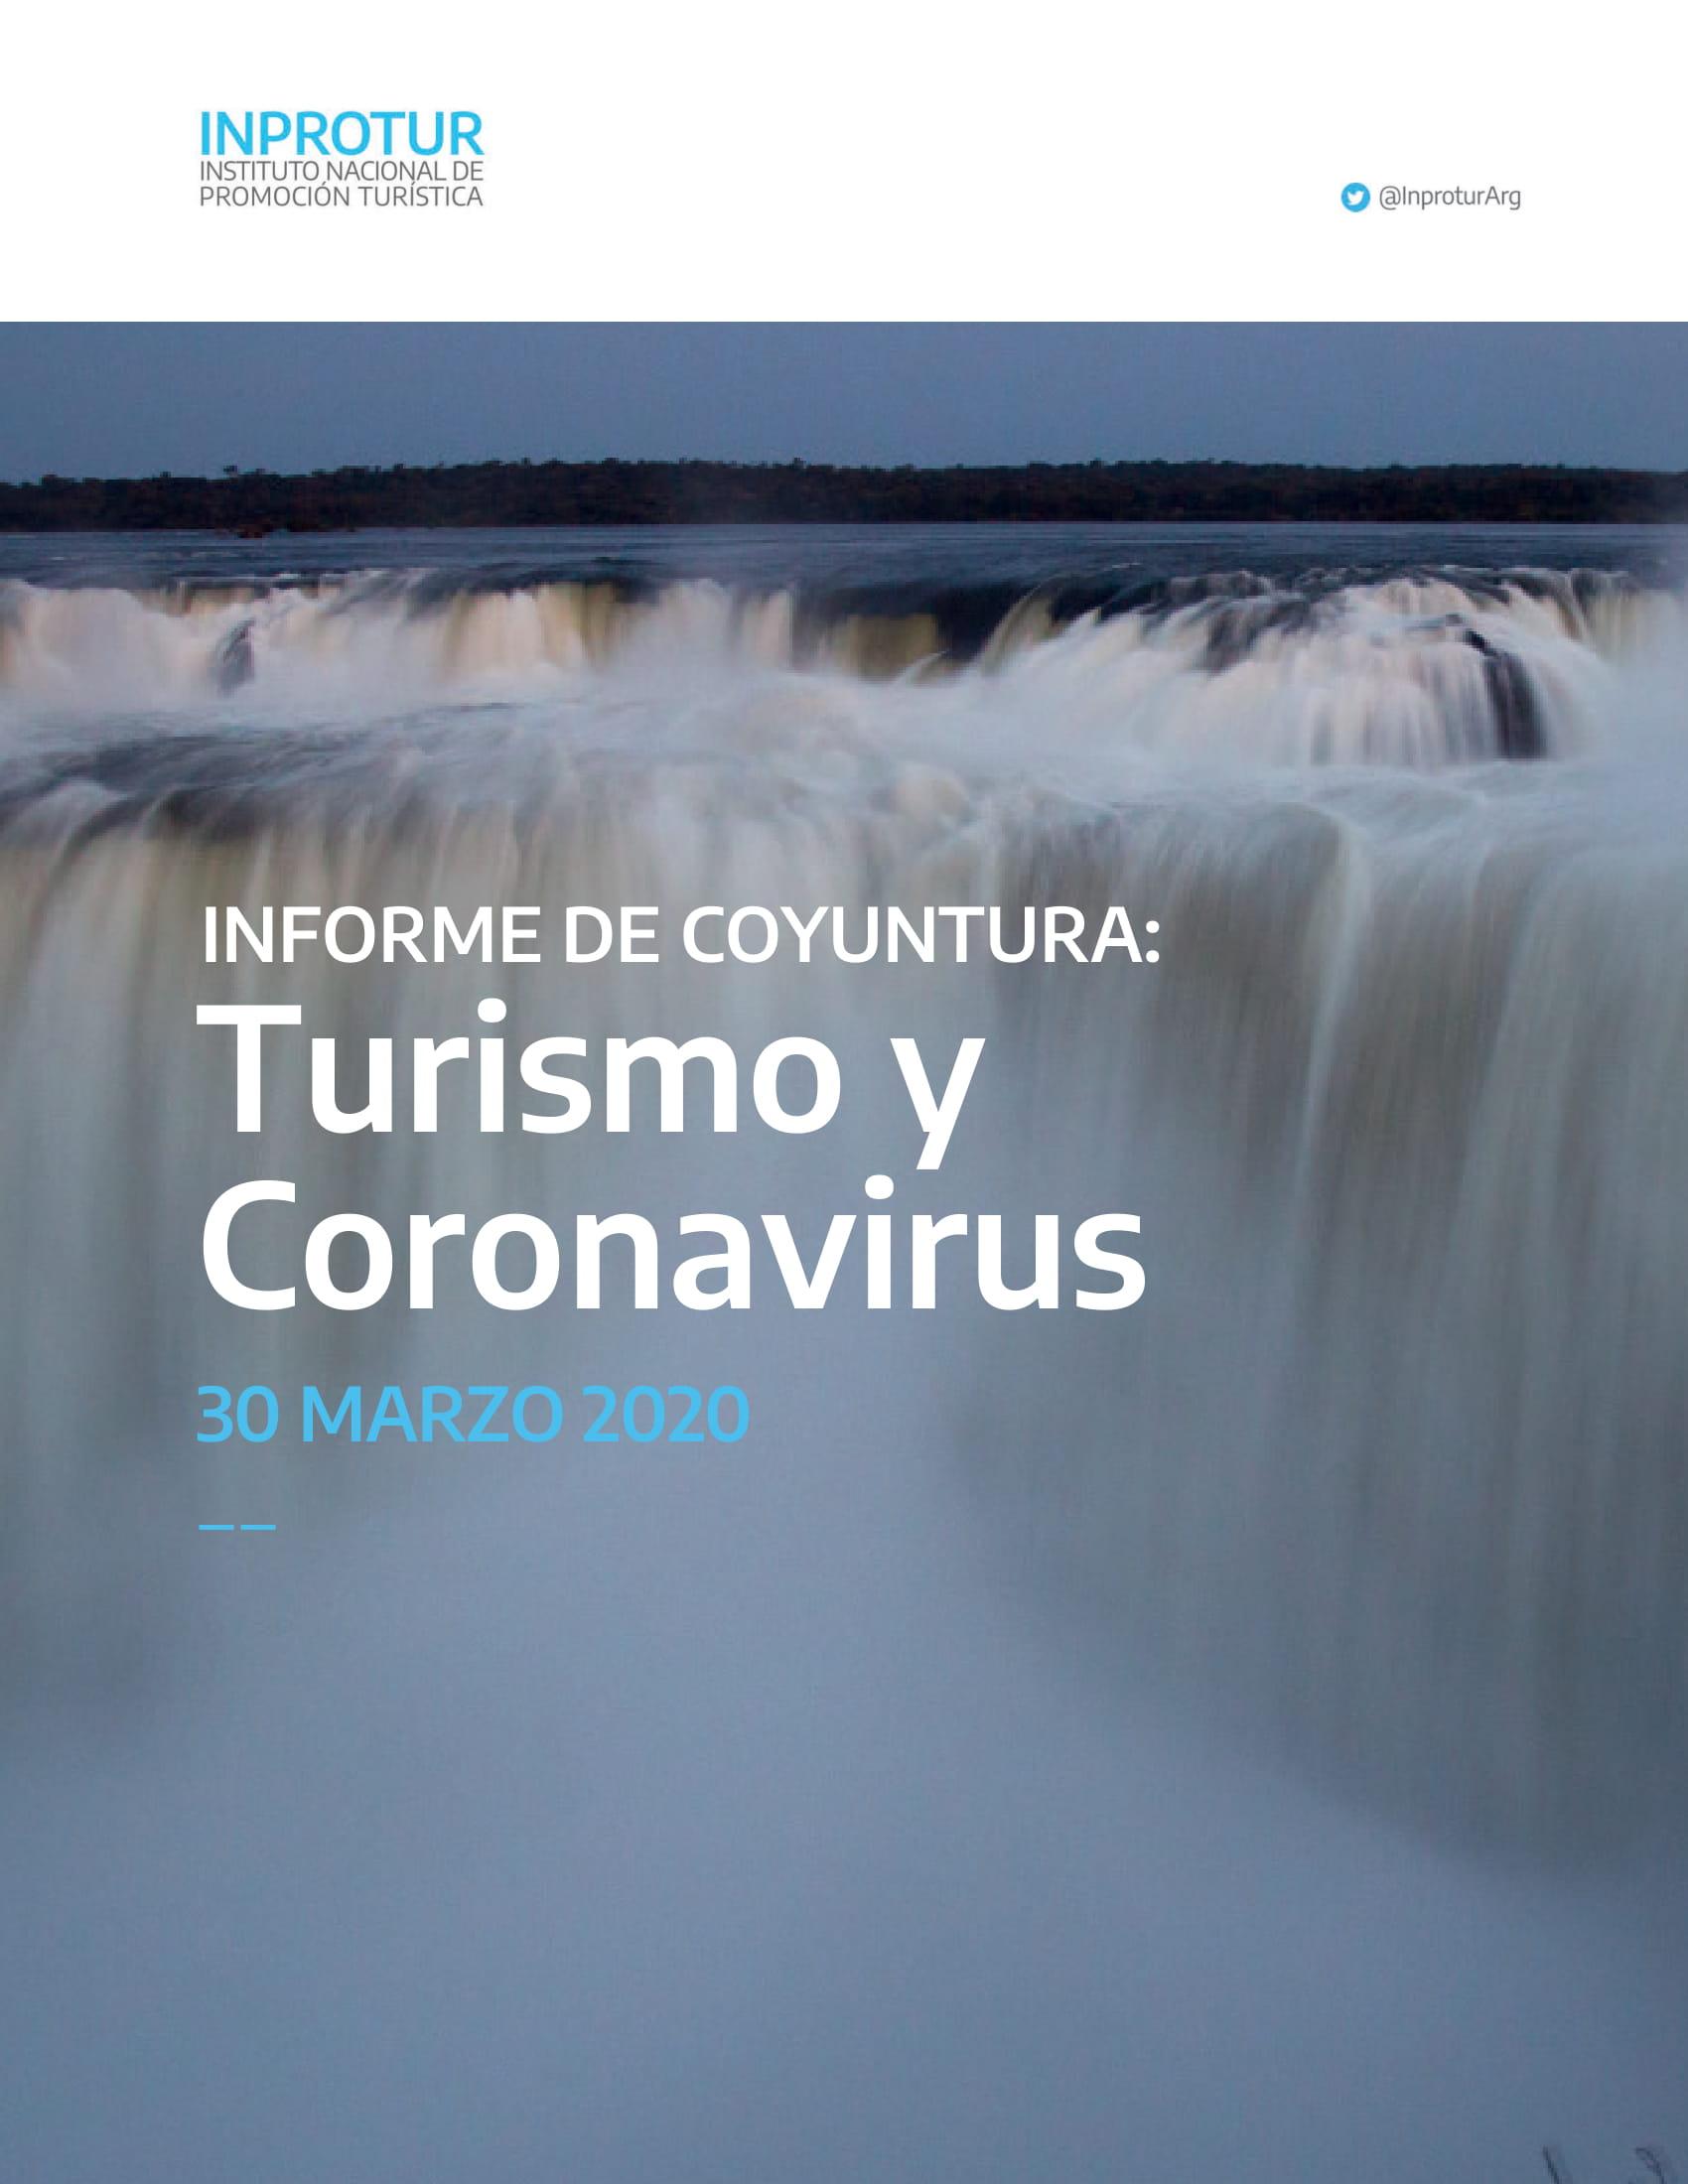 Informe-de-coyuntura-Turismo-y-Coronavirus-2020-01